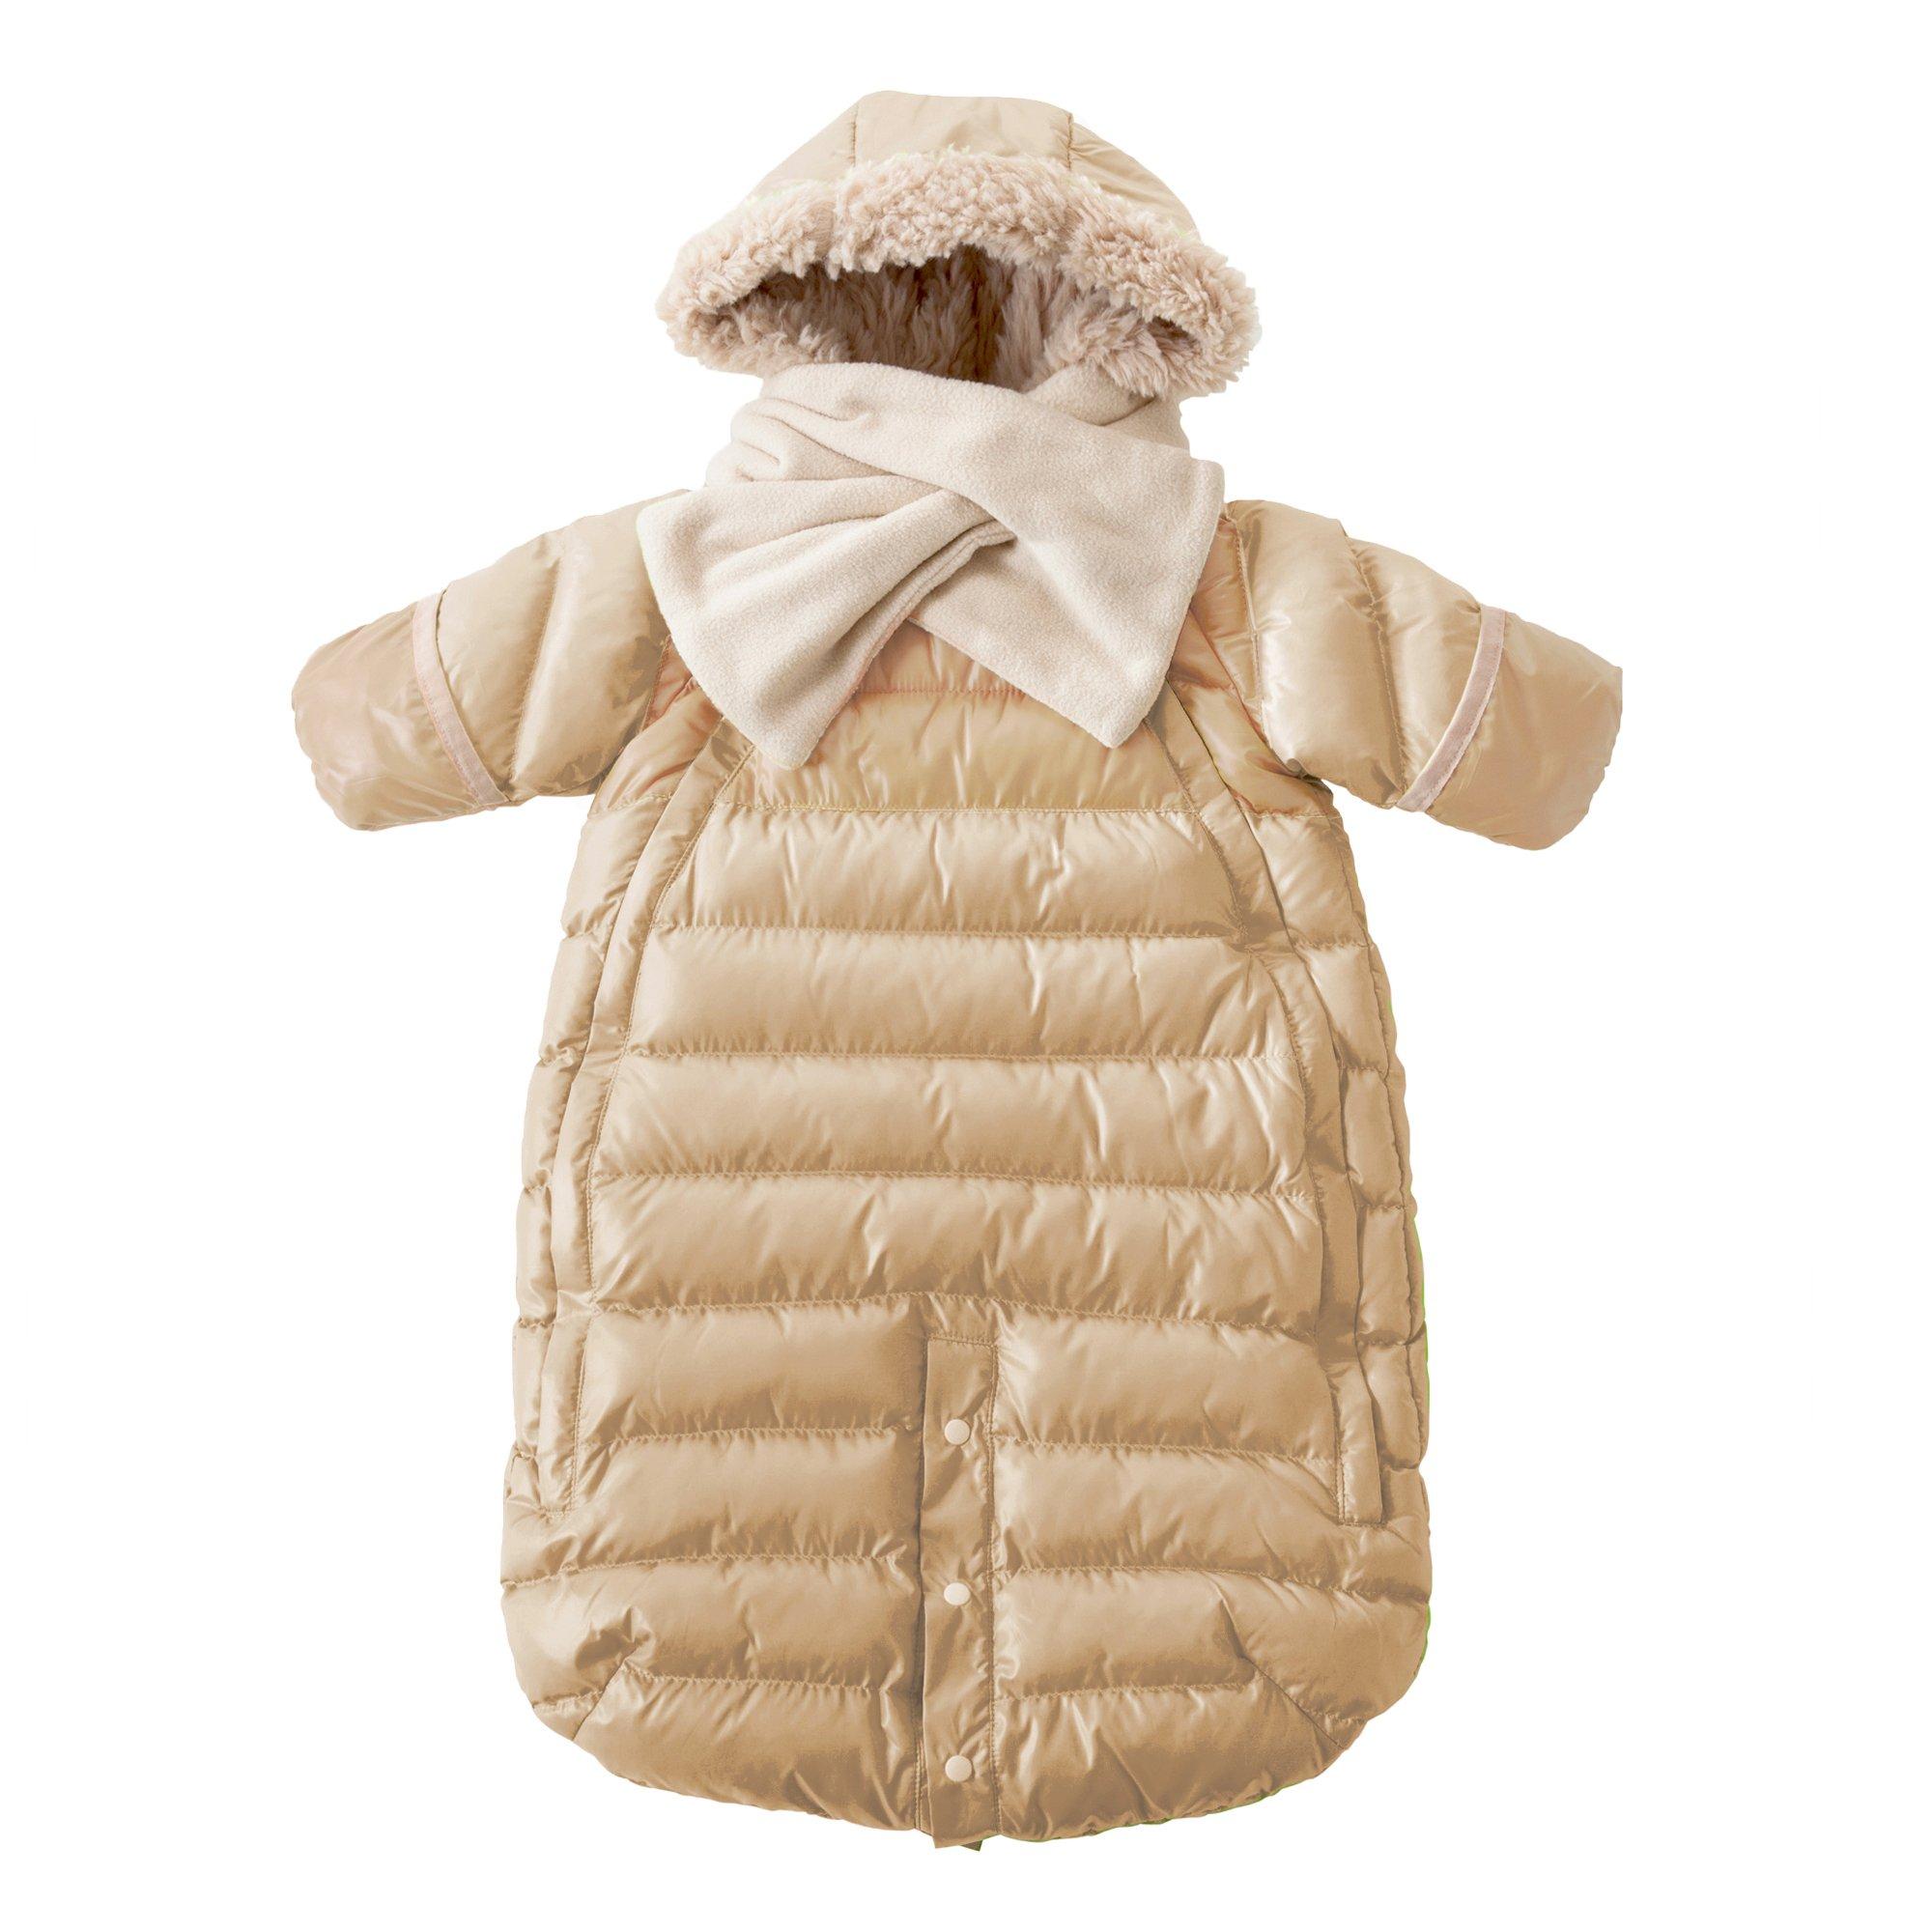 7AM Enfant Doudoune One Piece Infant Snowsuit Bunting, Beige, Large